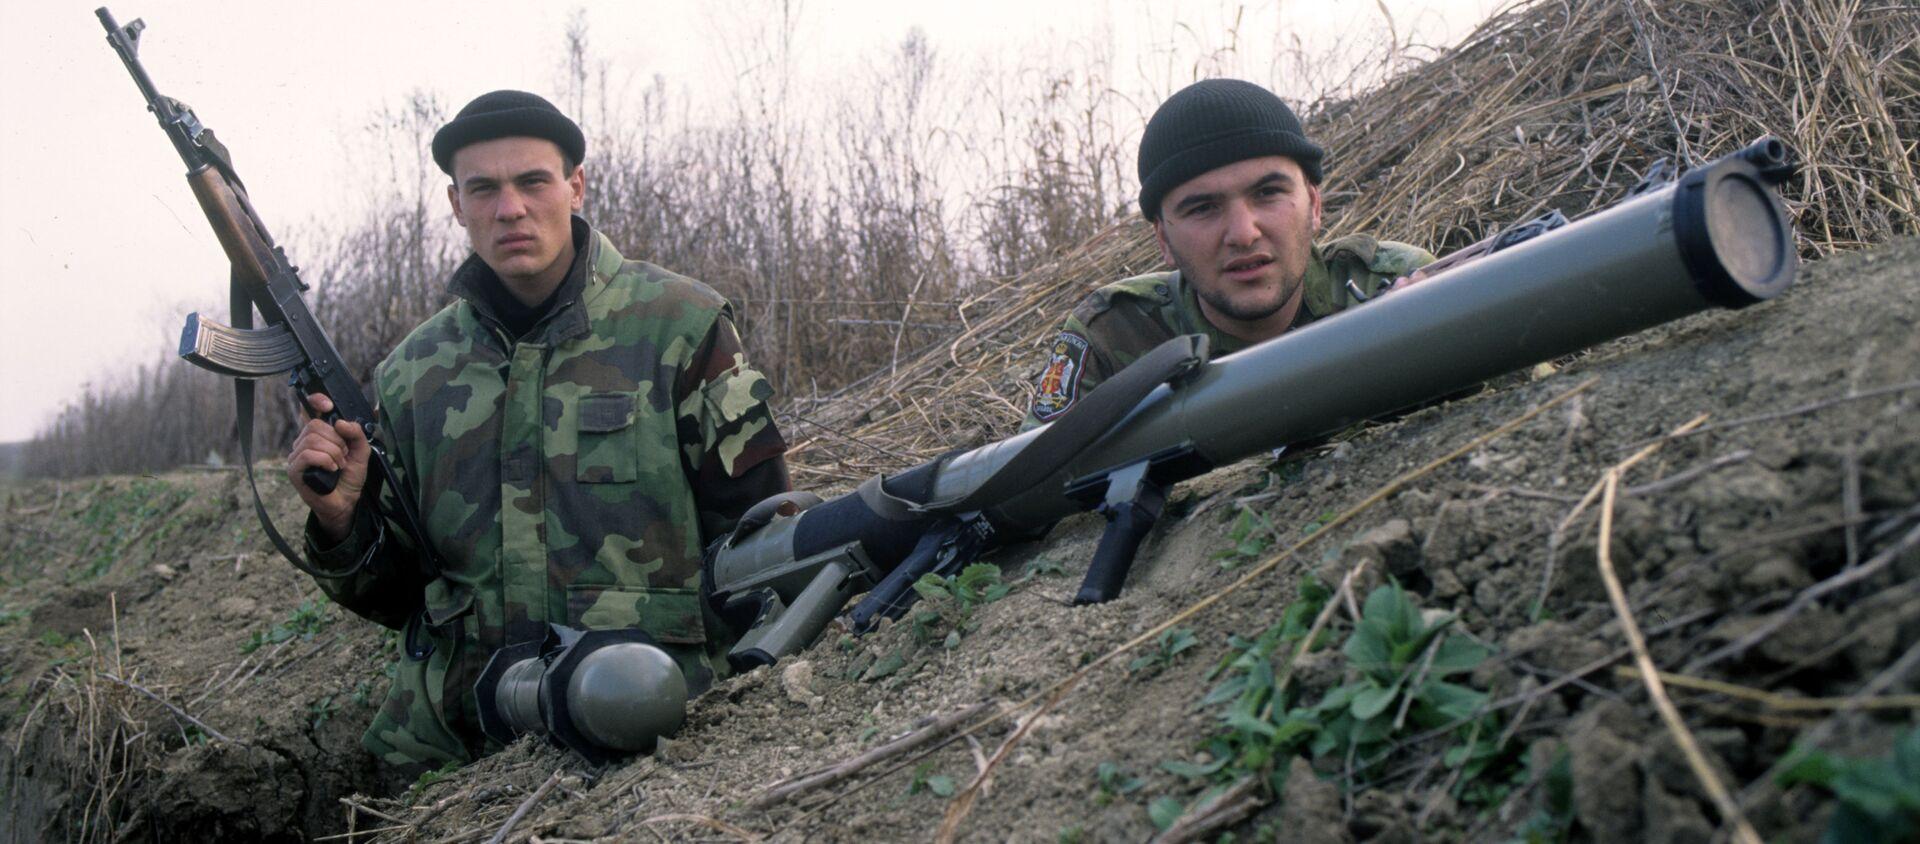 Soldados serbios durante la 'Operación Tempestad' - Sputnik Mundo, 1920, 07.08.2020